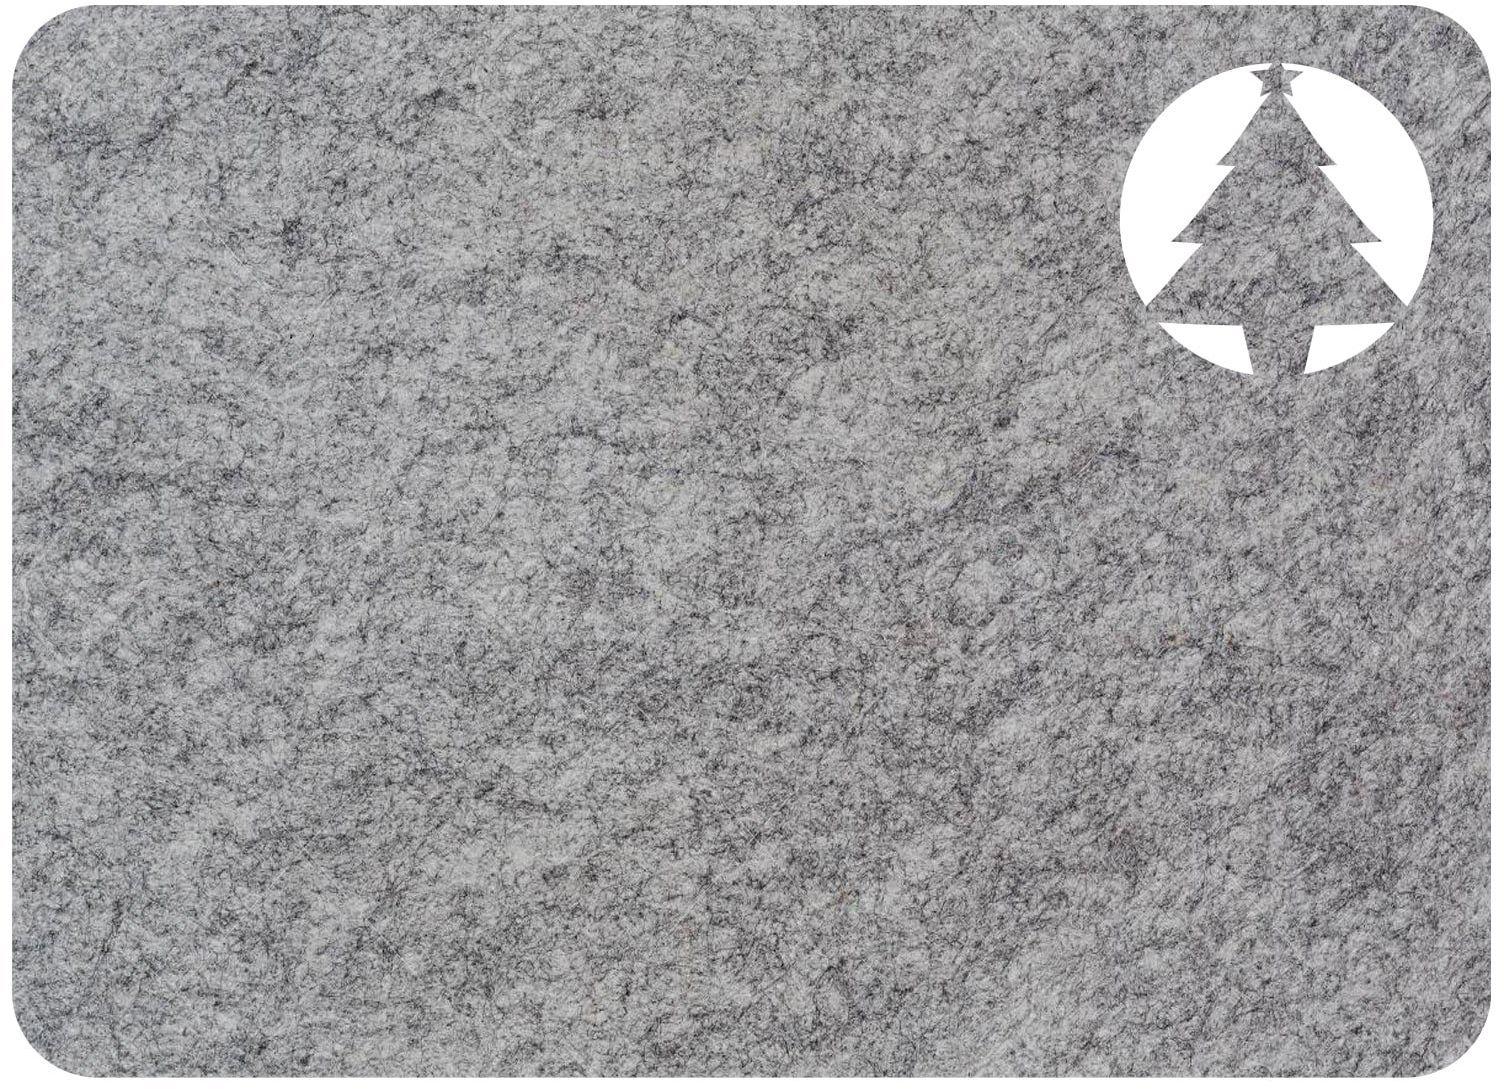 Podkładka pod talerz - Choinka - 40 cm - 1 szt.